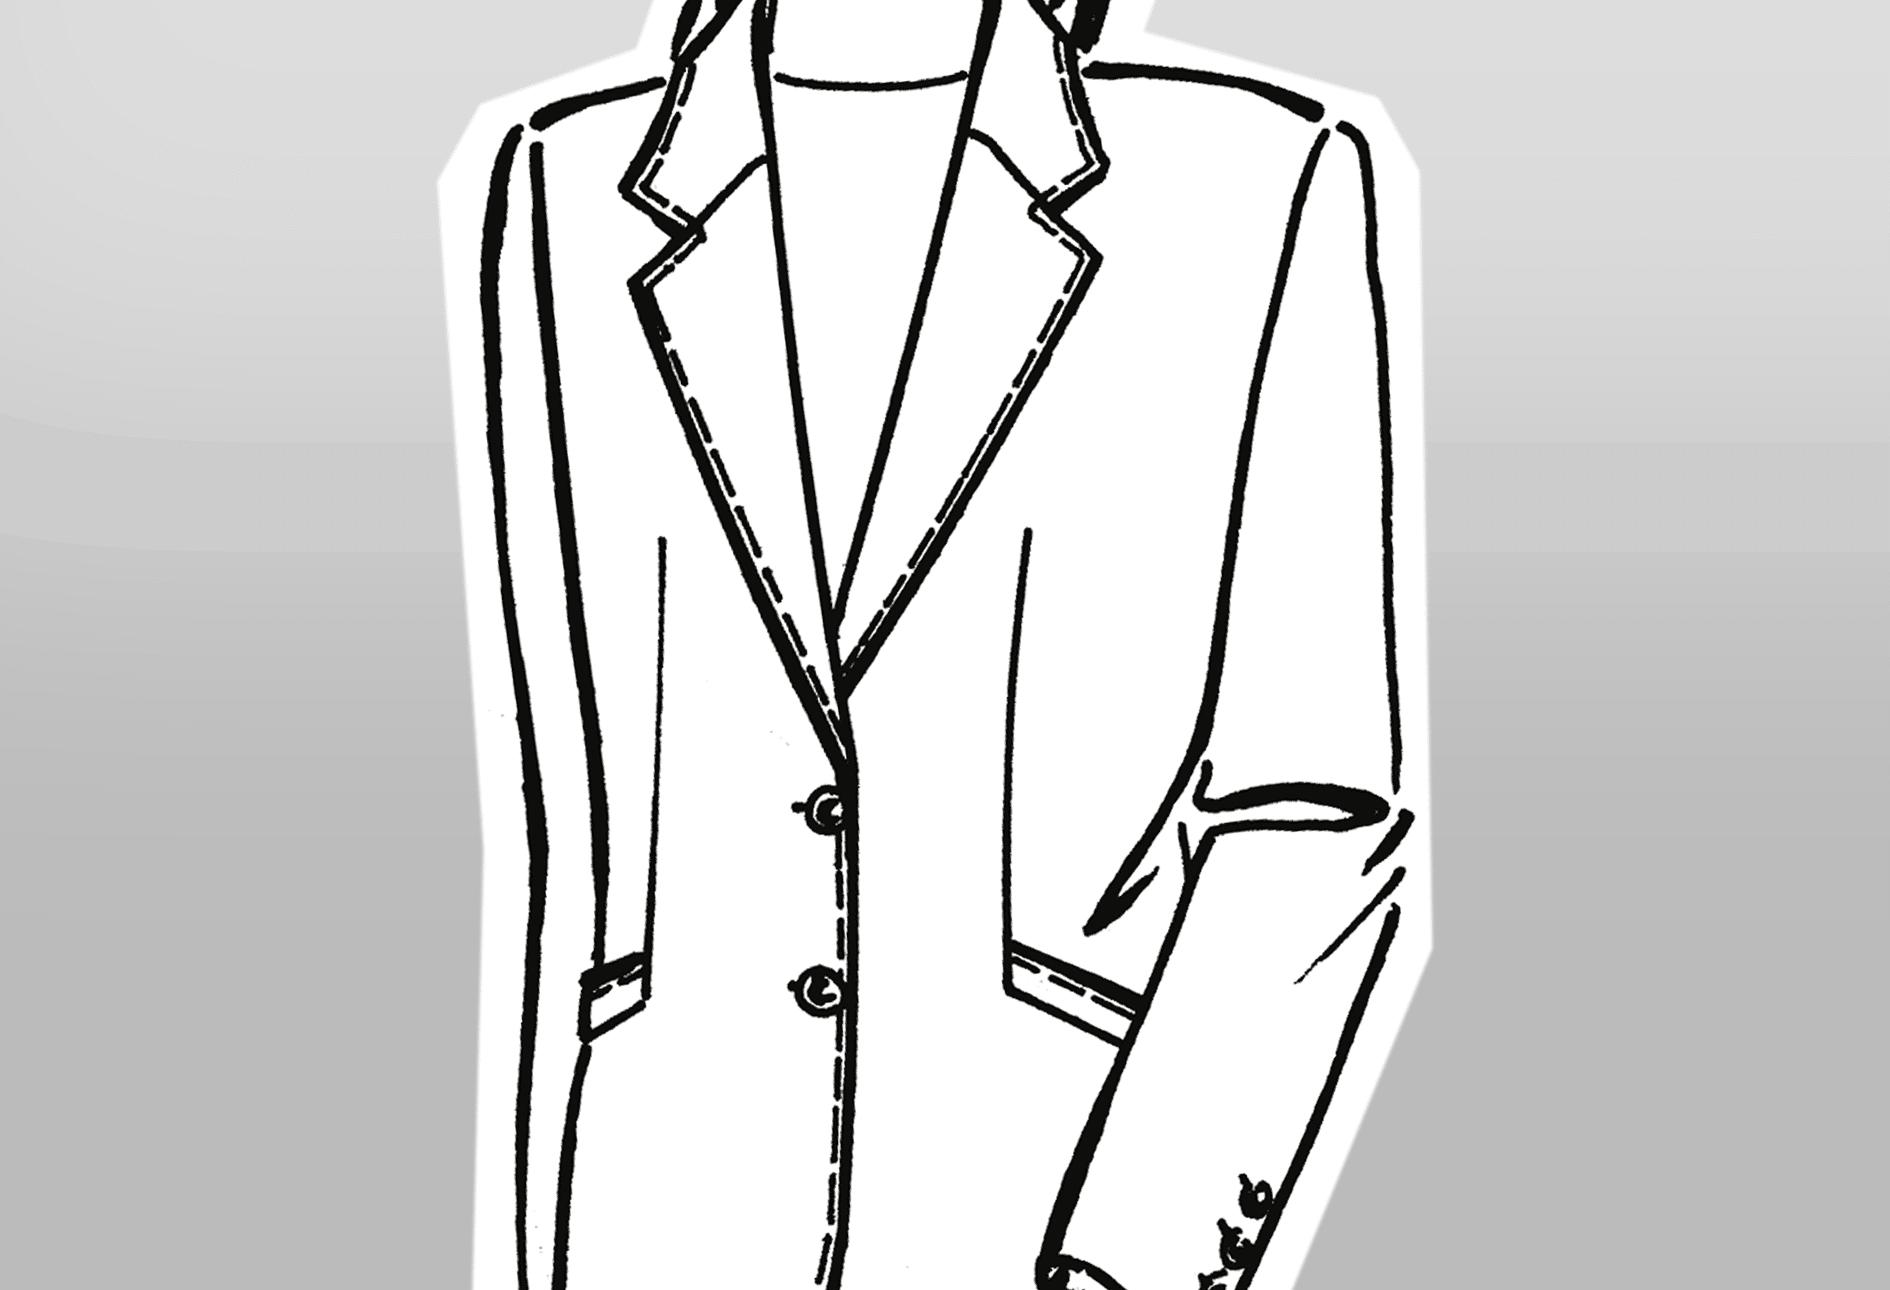 Zu sehen ist die technische Zeichnung eines Mantels mit langem Reverskragen.